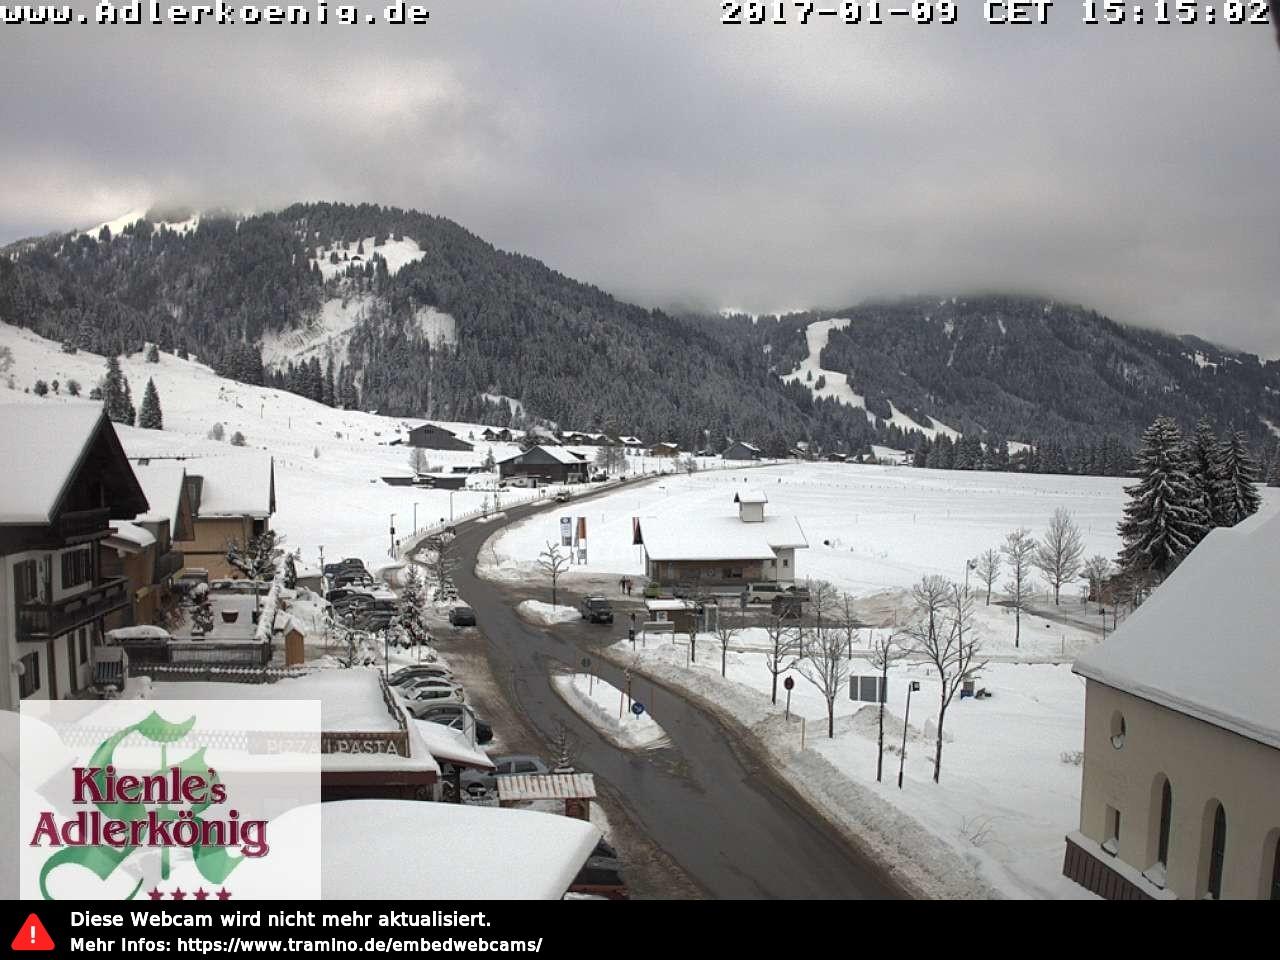 Webcam Skigebied Balderschwang cam 3 - Allgäuer Alpen